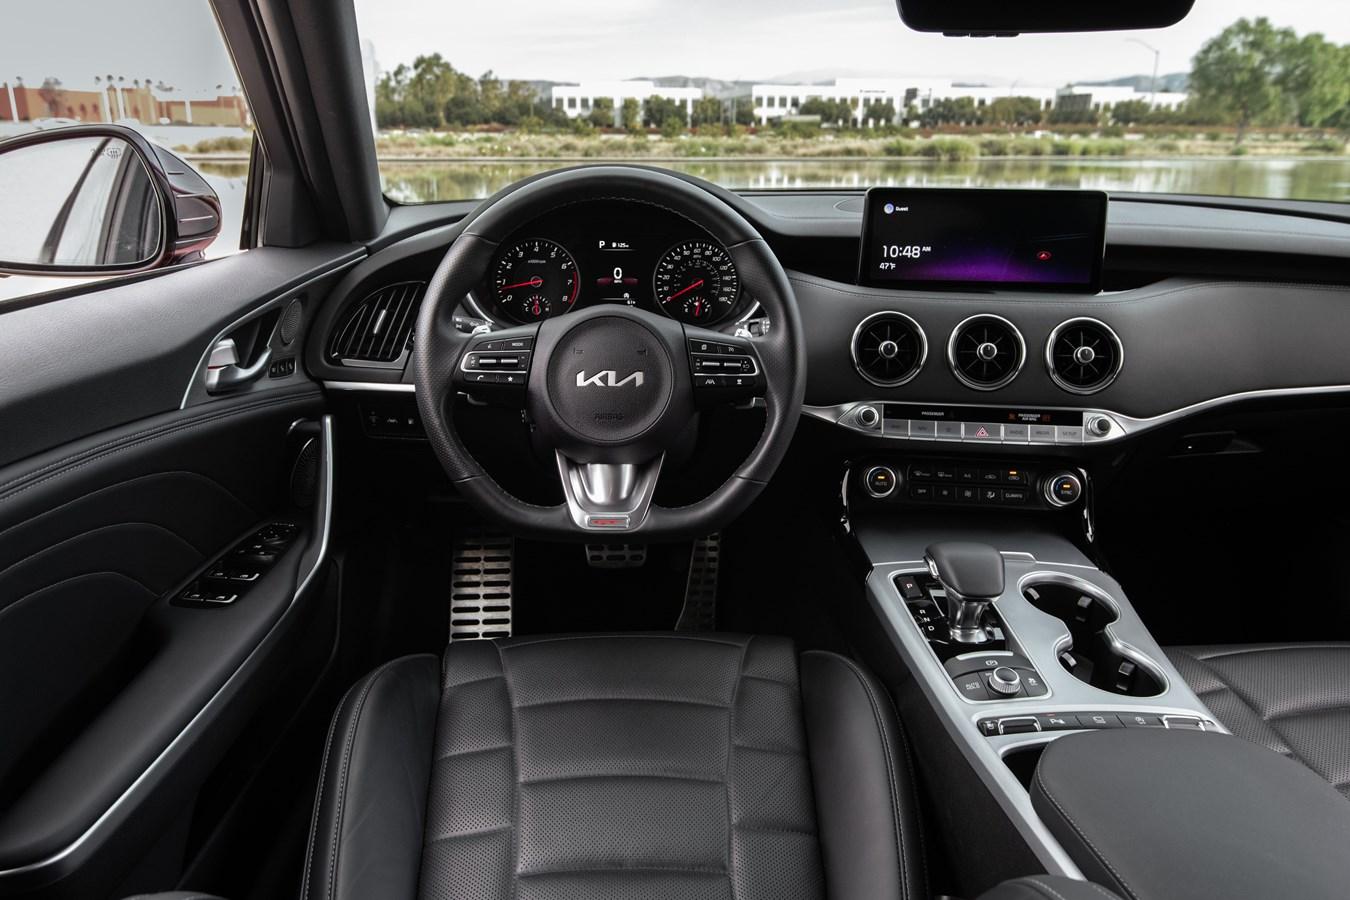 2022 Stinger GT interior drivers cockpit